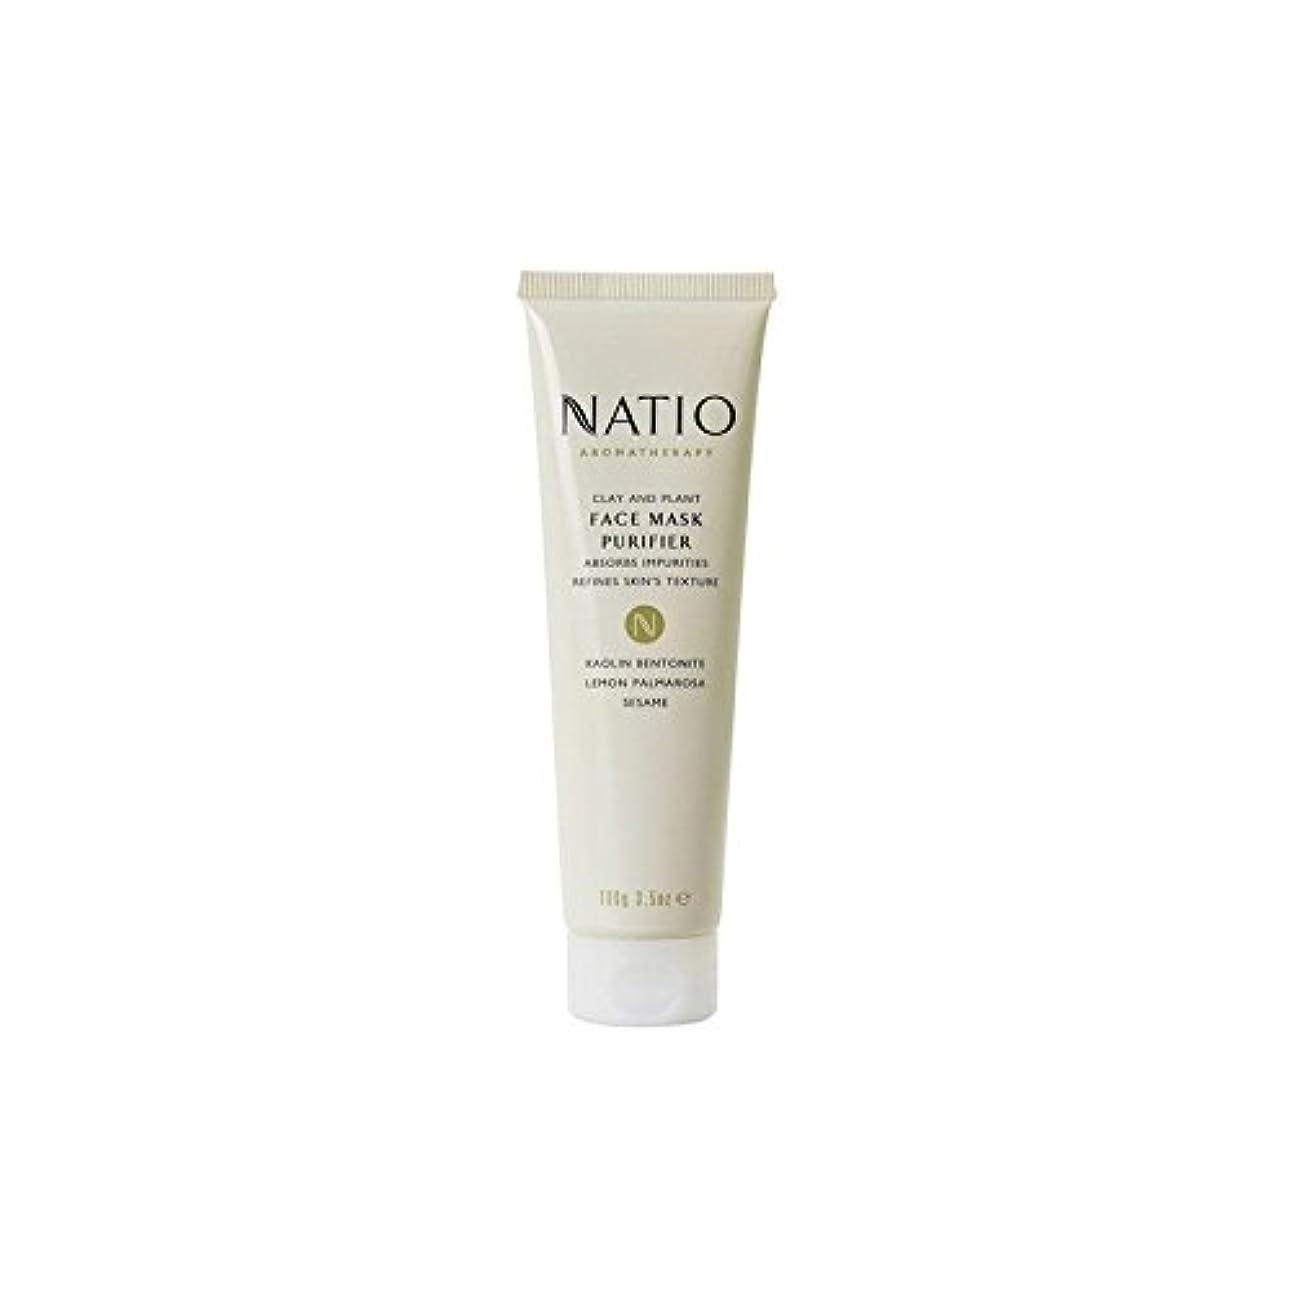 演劇クスクス免除粘土&植物フェイスマスクの浄化(100グラム) x2 - Natio Clay & Plant Face Mask Purifier (100G) (Pack of 2) [並行輸入品]